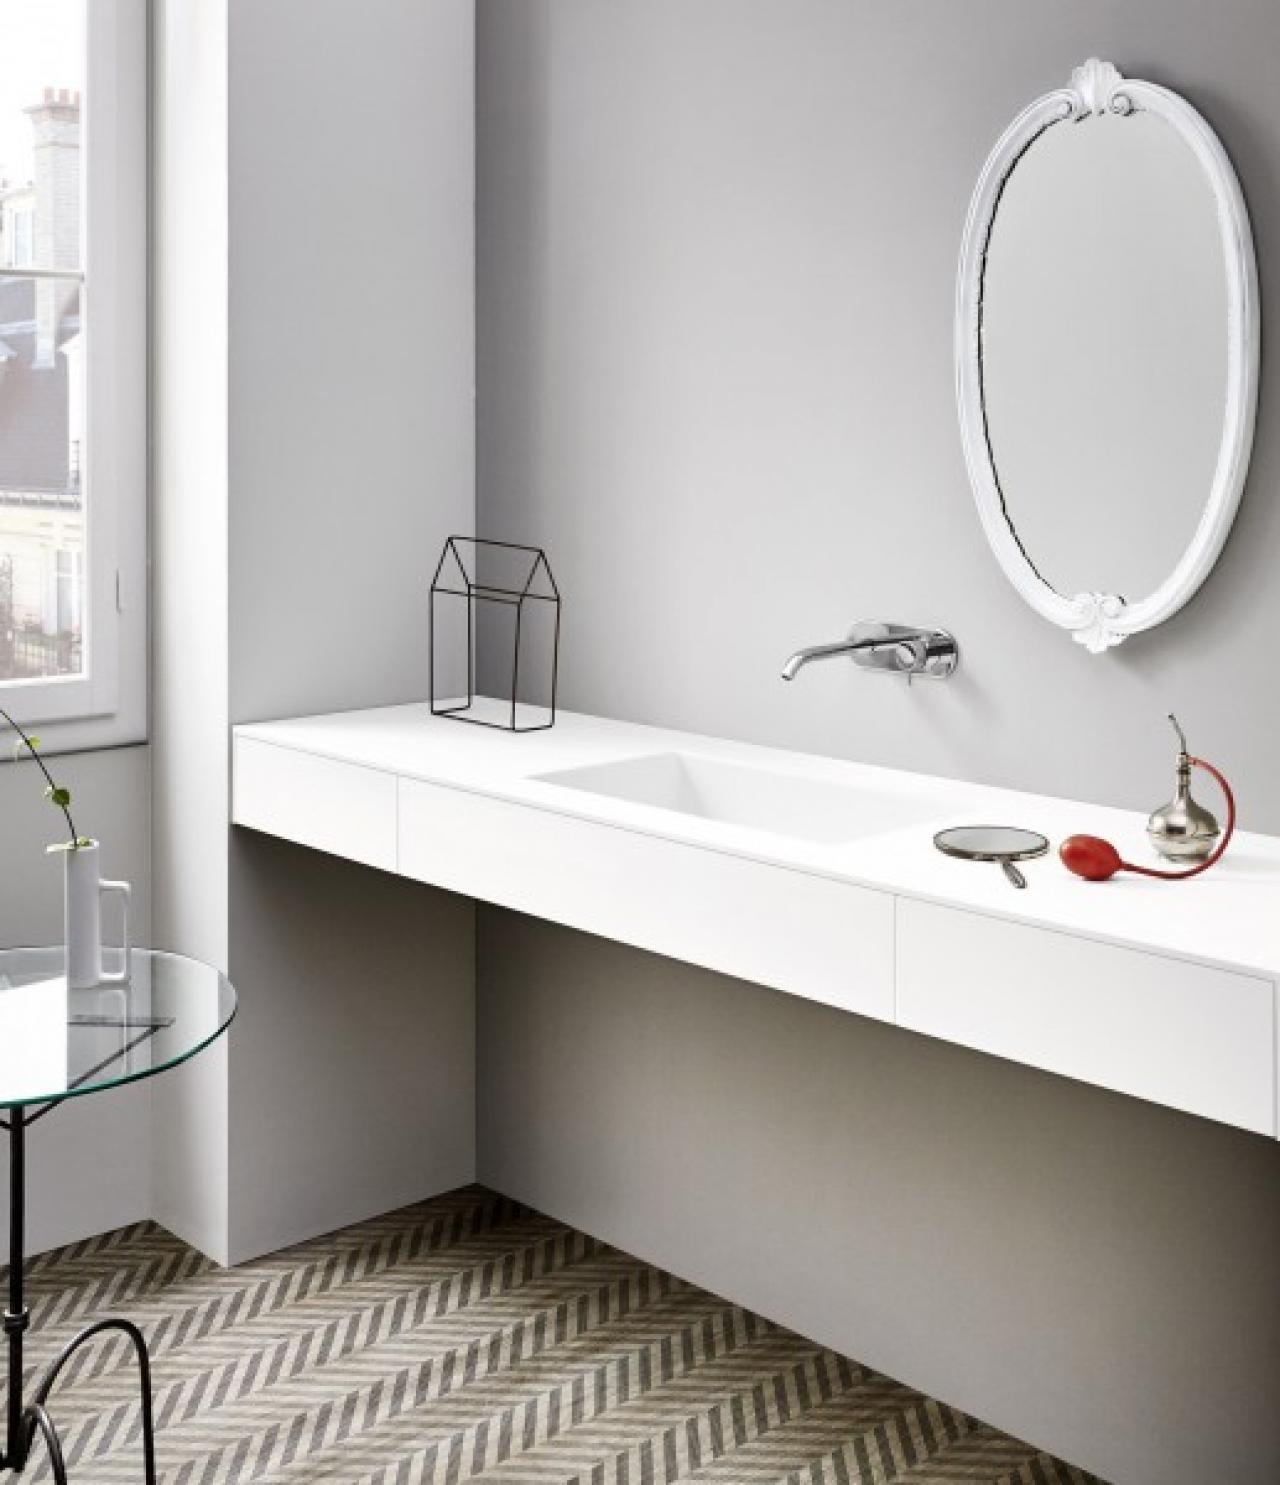 Piano Lavabo In Corian arredamento in corian per il bagno - showroom arredobagno a